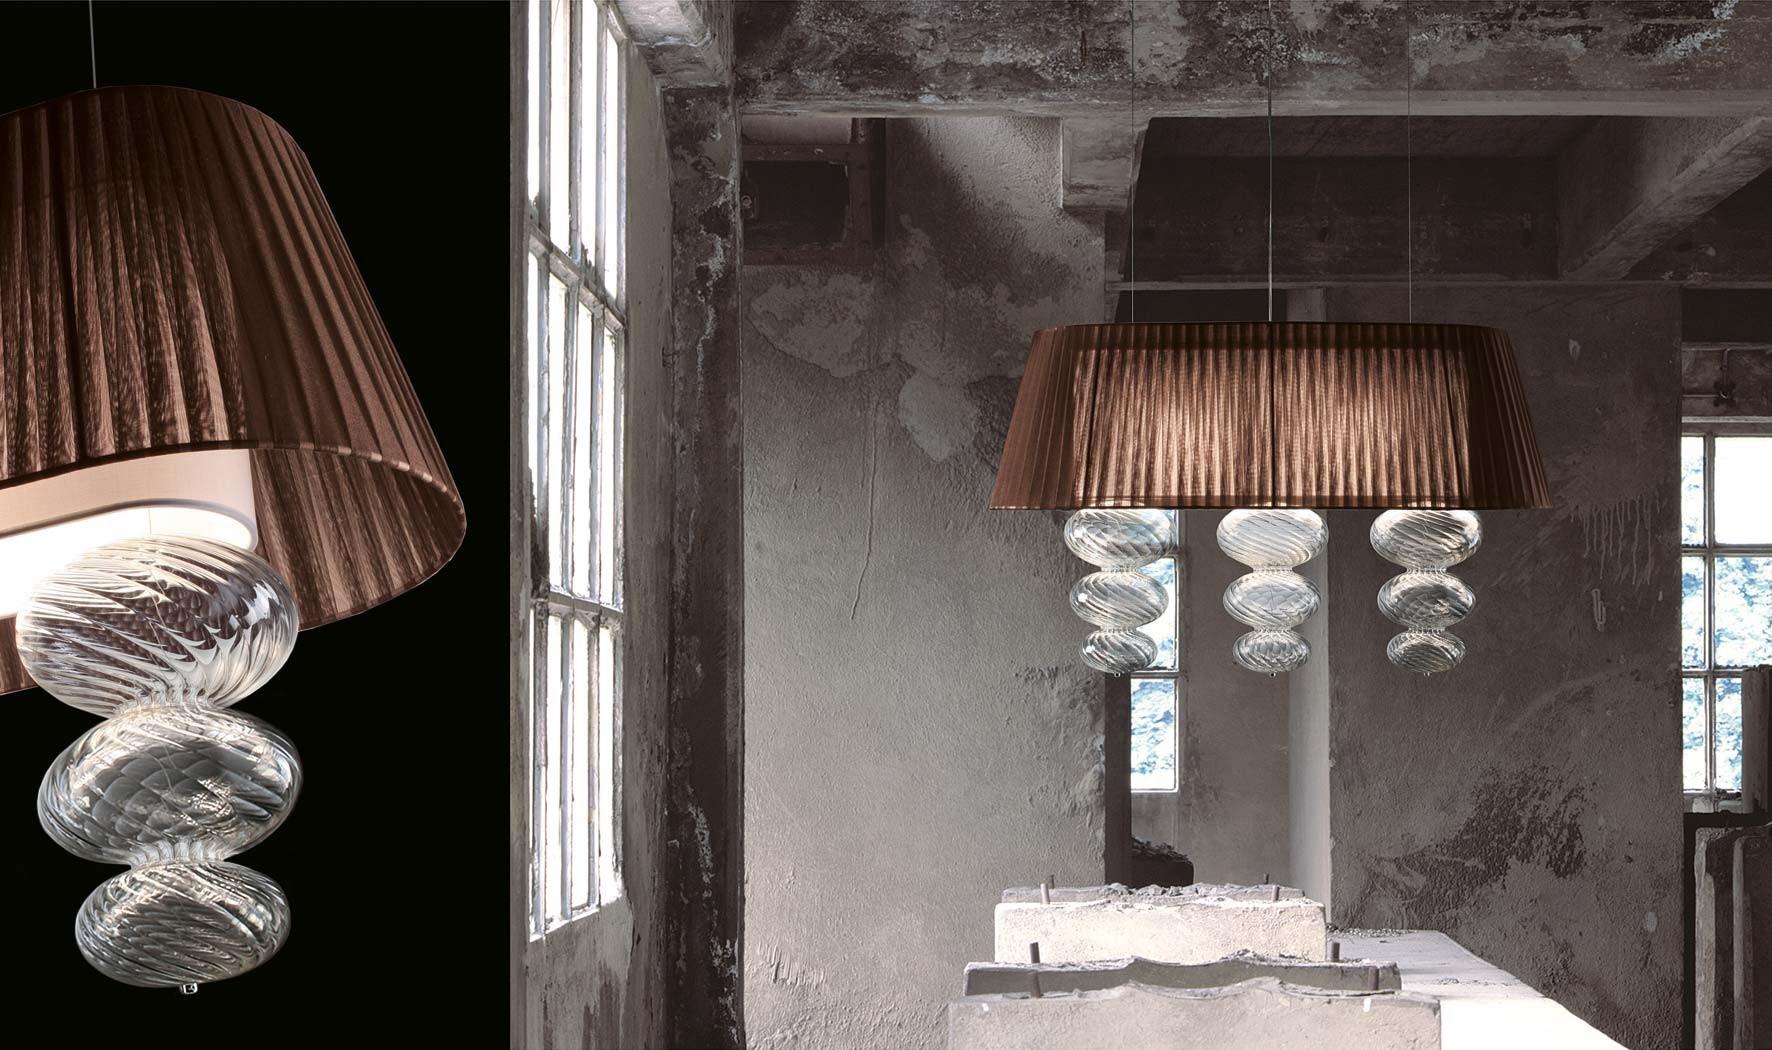 Musa SO OVAL 85 - Vintage - lampa wisząca  GWARANCJA NAJNIŻSZEJ CENY!